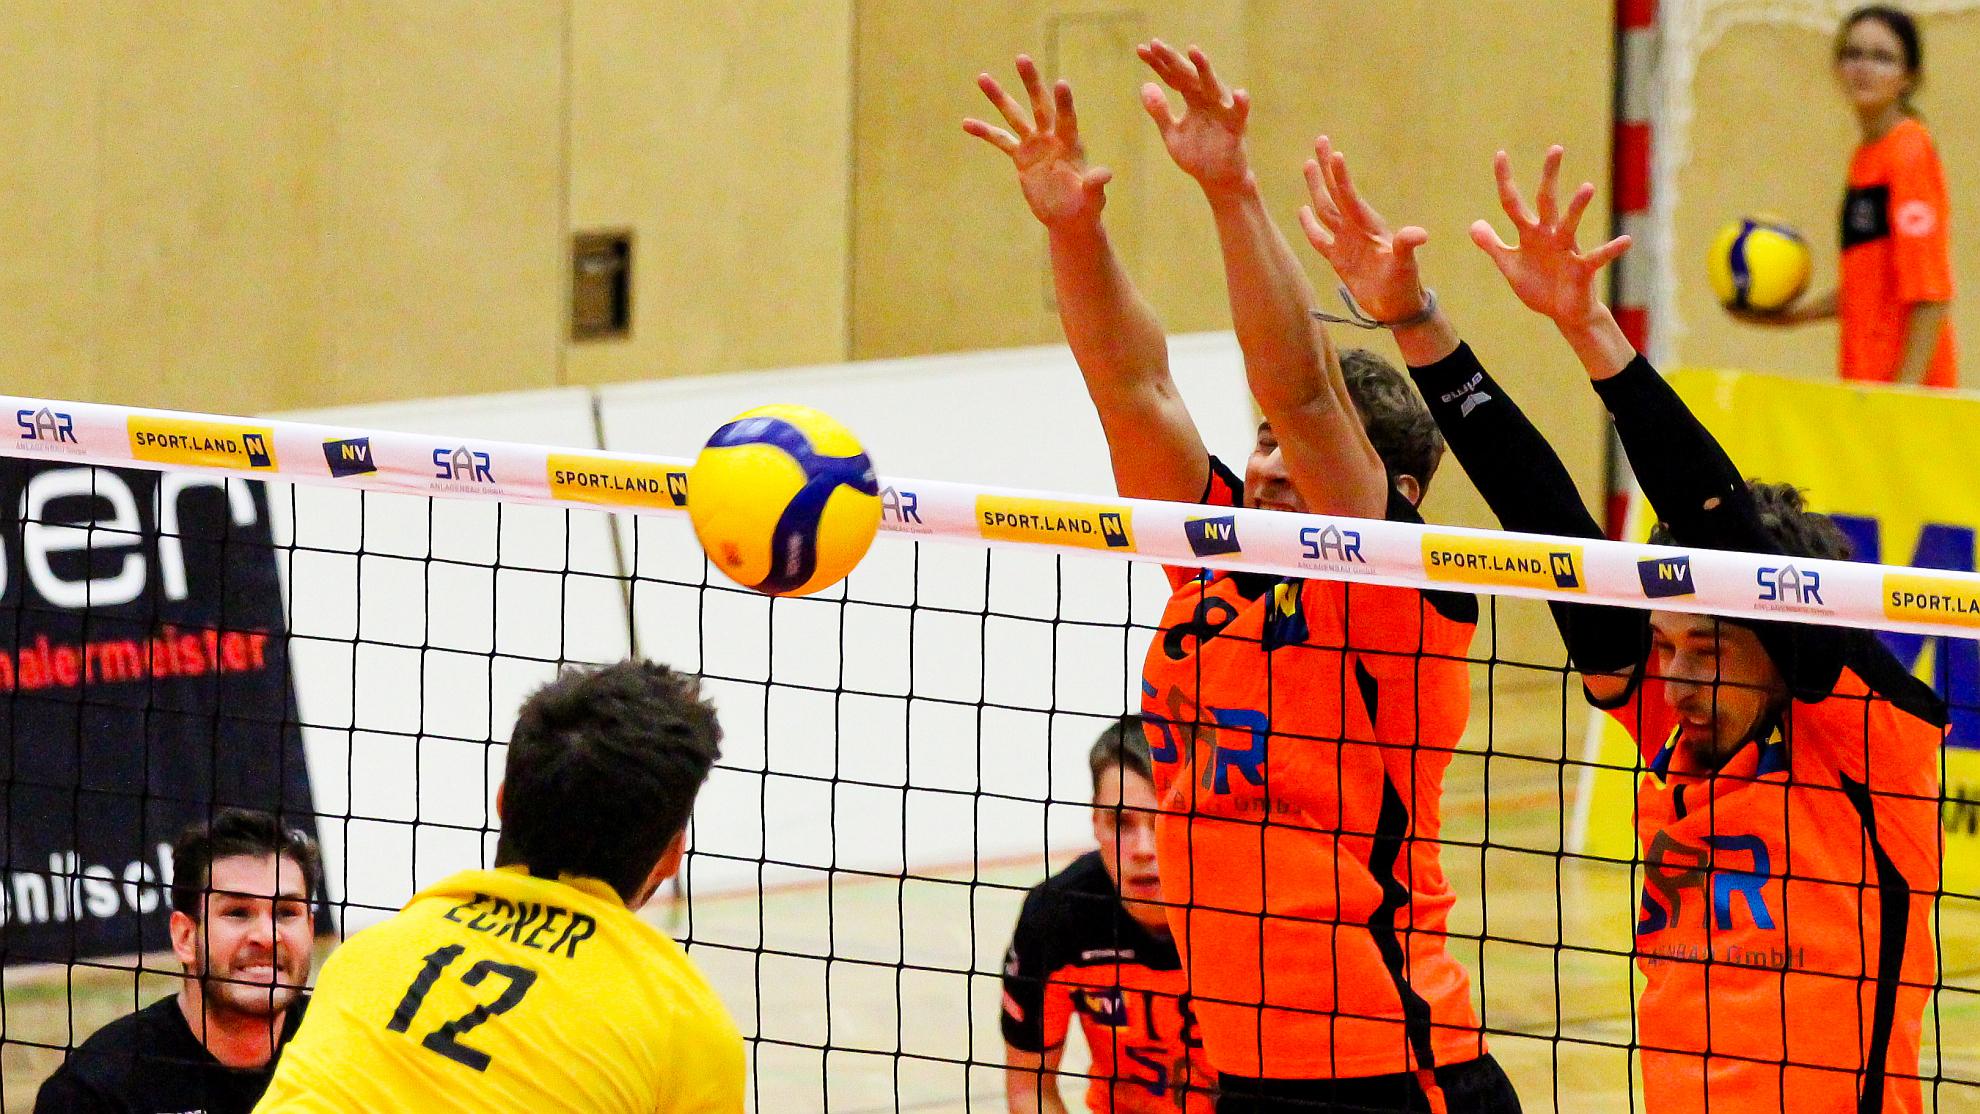 FOTO © Peter Maurer/VCA Amstetten NÖ